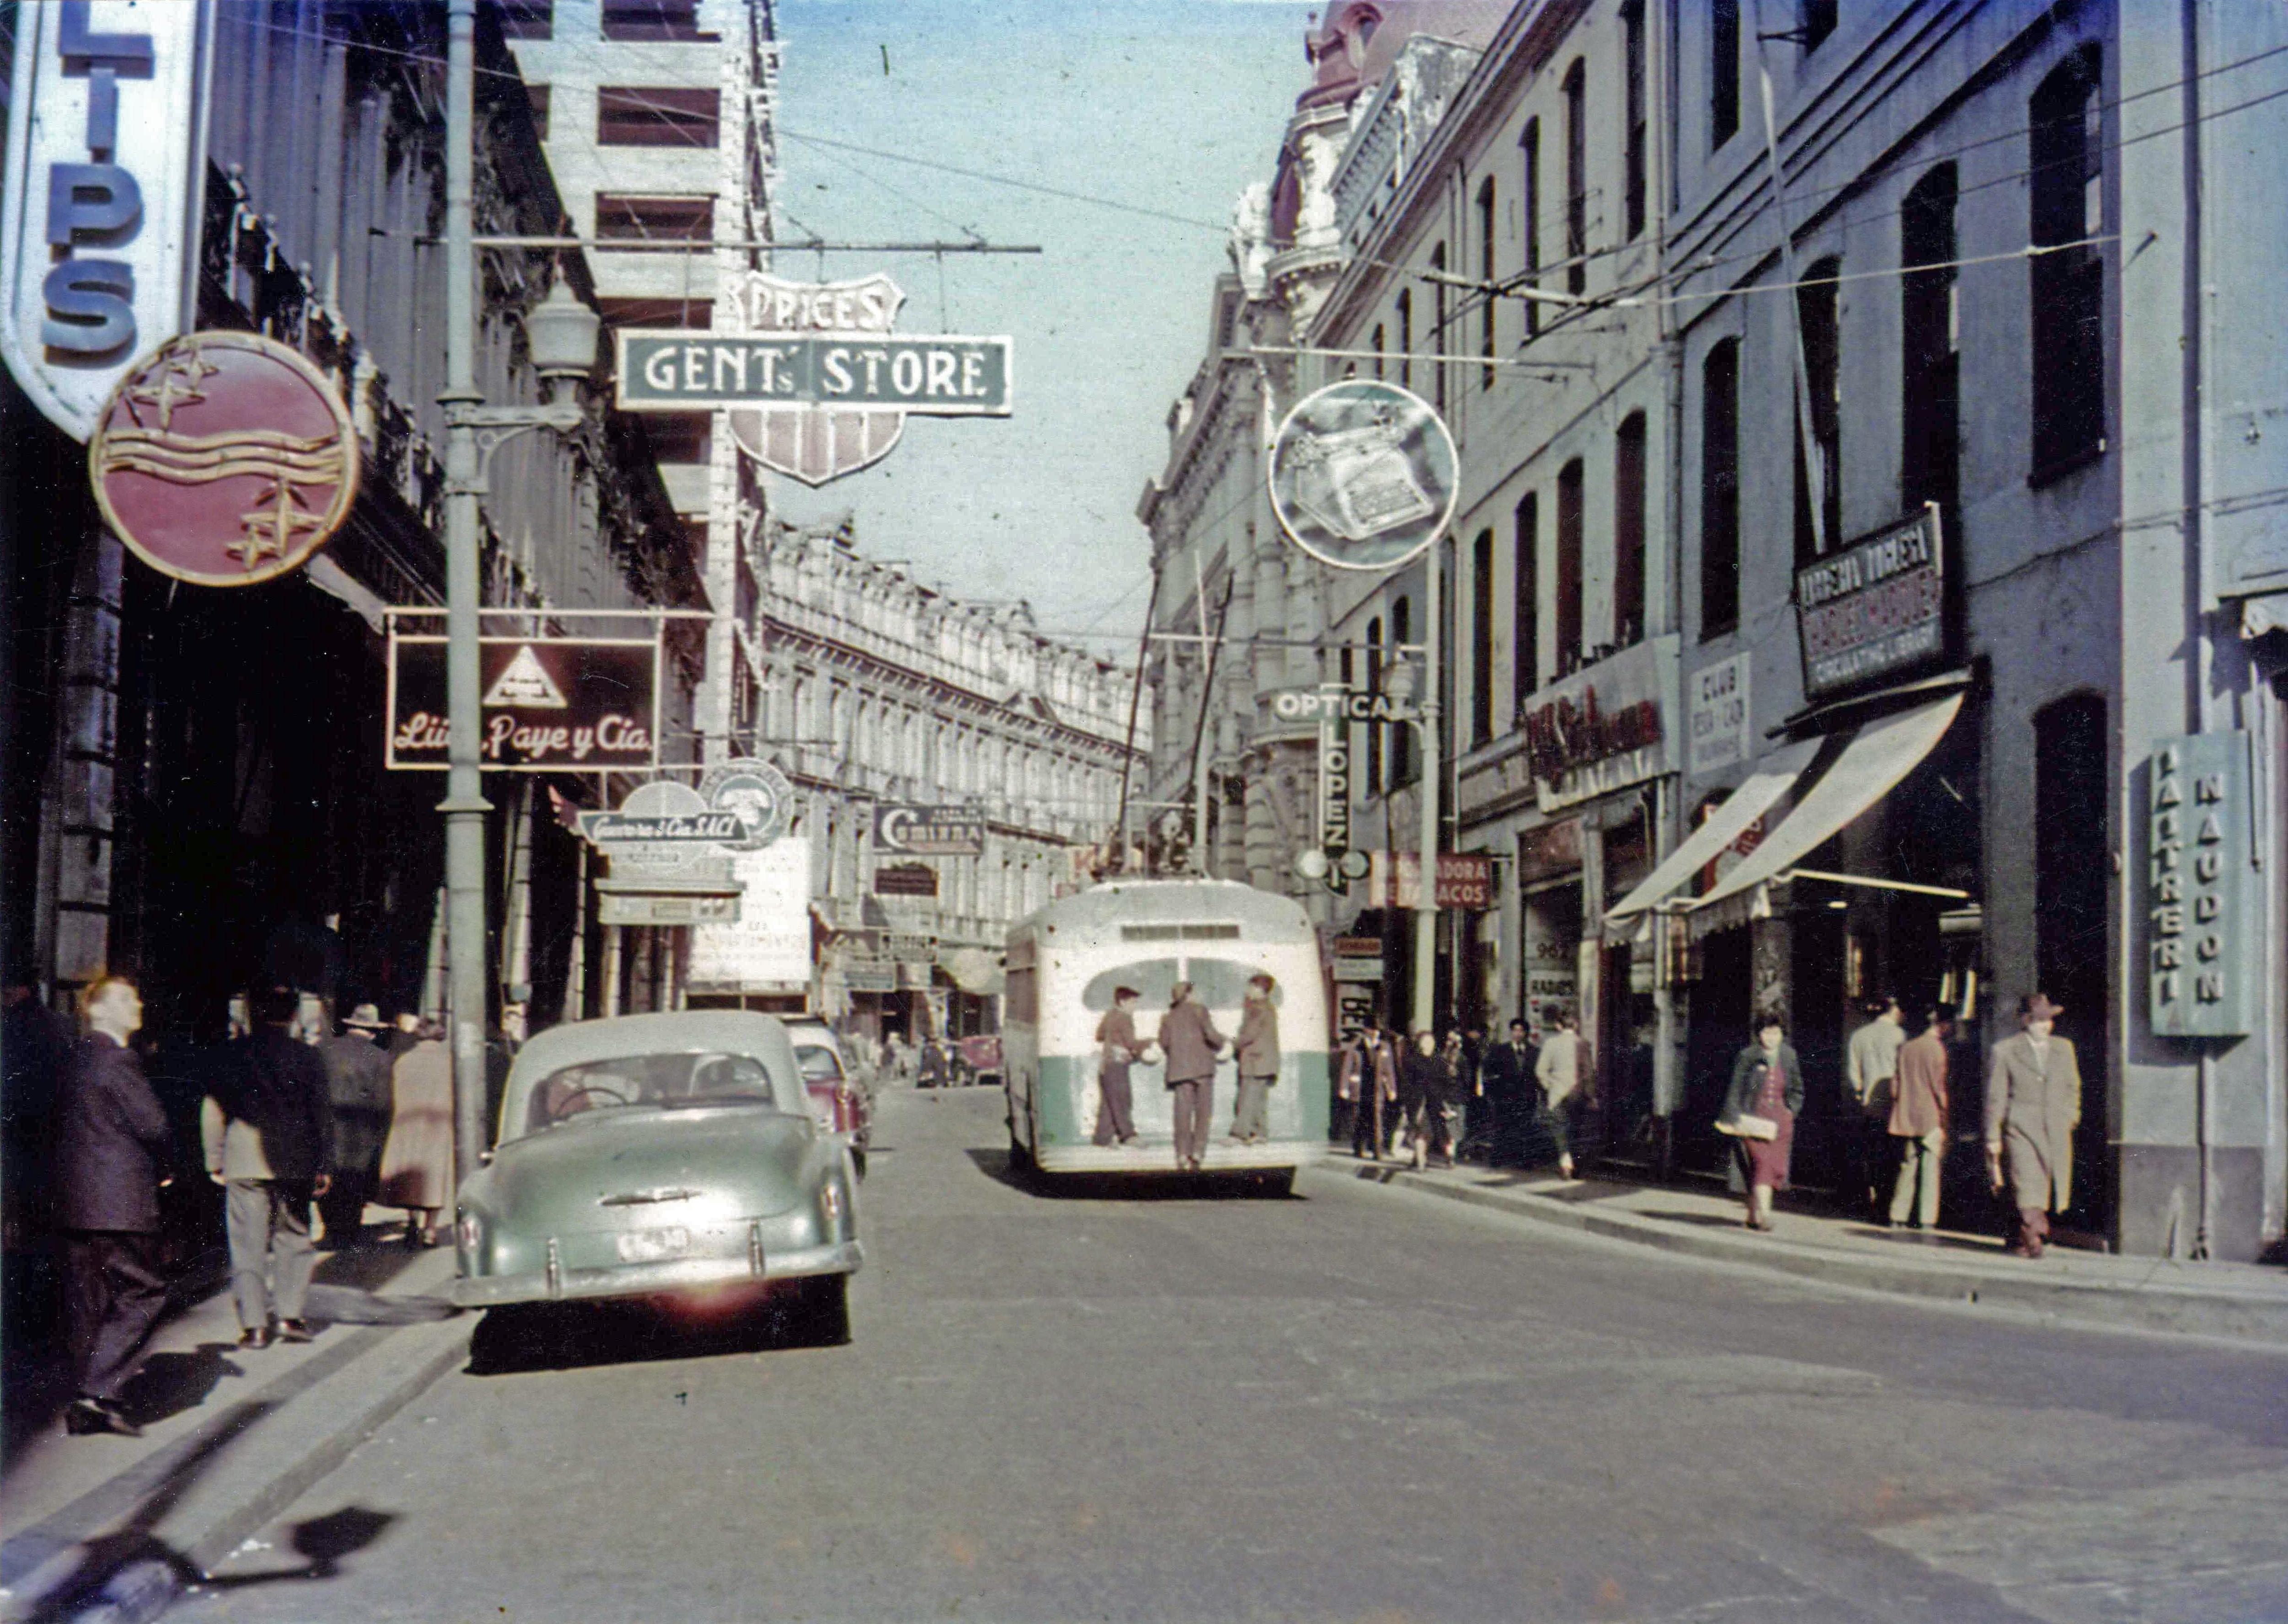 Enterreno - Fotos históricas de chile - fotos antiguas de Chile - Calle Esmeralda de Valparaíso en 1950